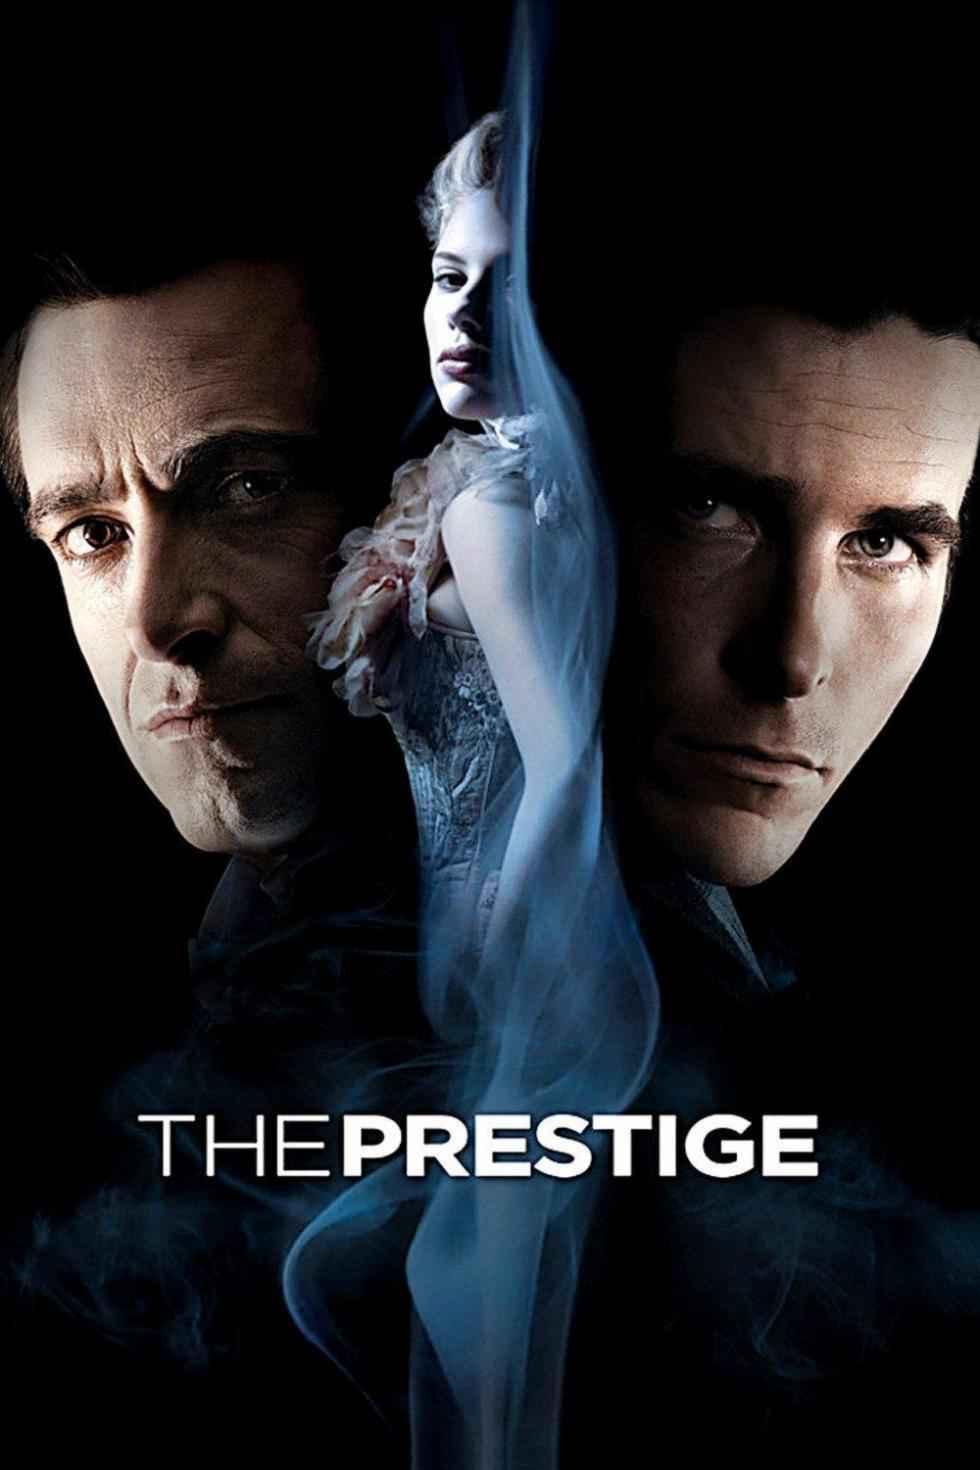 [高分悬疑惊悚电影][致命魔术.頂尖對決.死亡魔法.The Prestige][2006][英语国语音轨.中英双语字幕][蓝光版]720P+1080P+2160P百度云下载